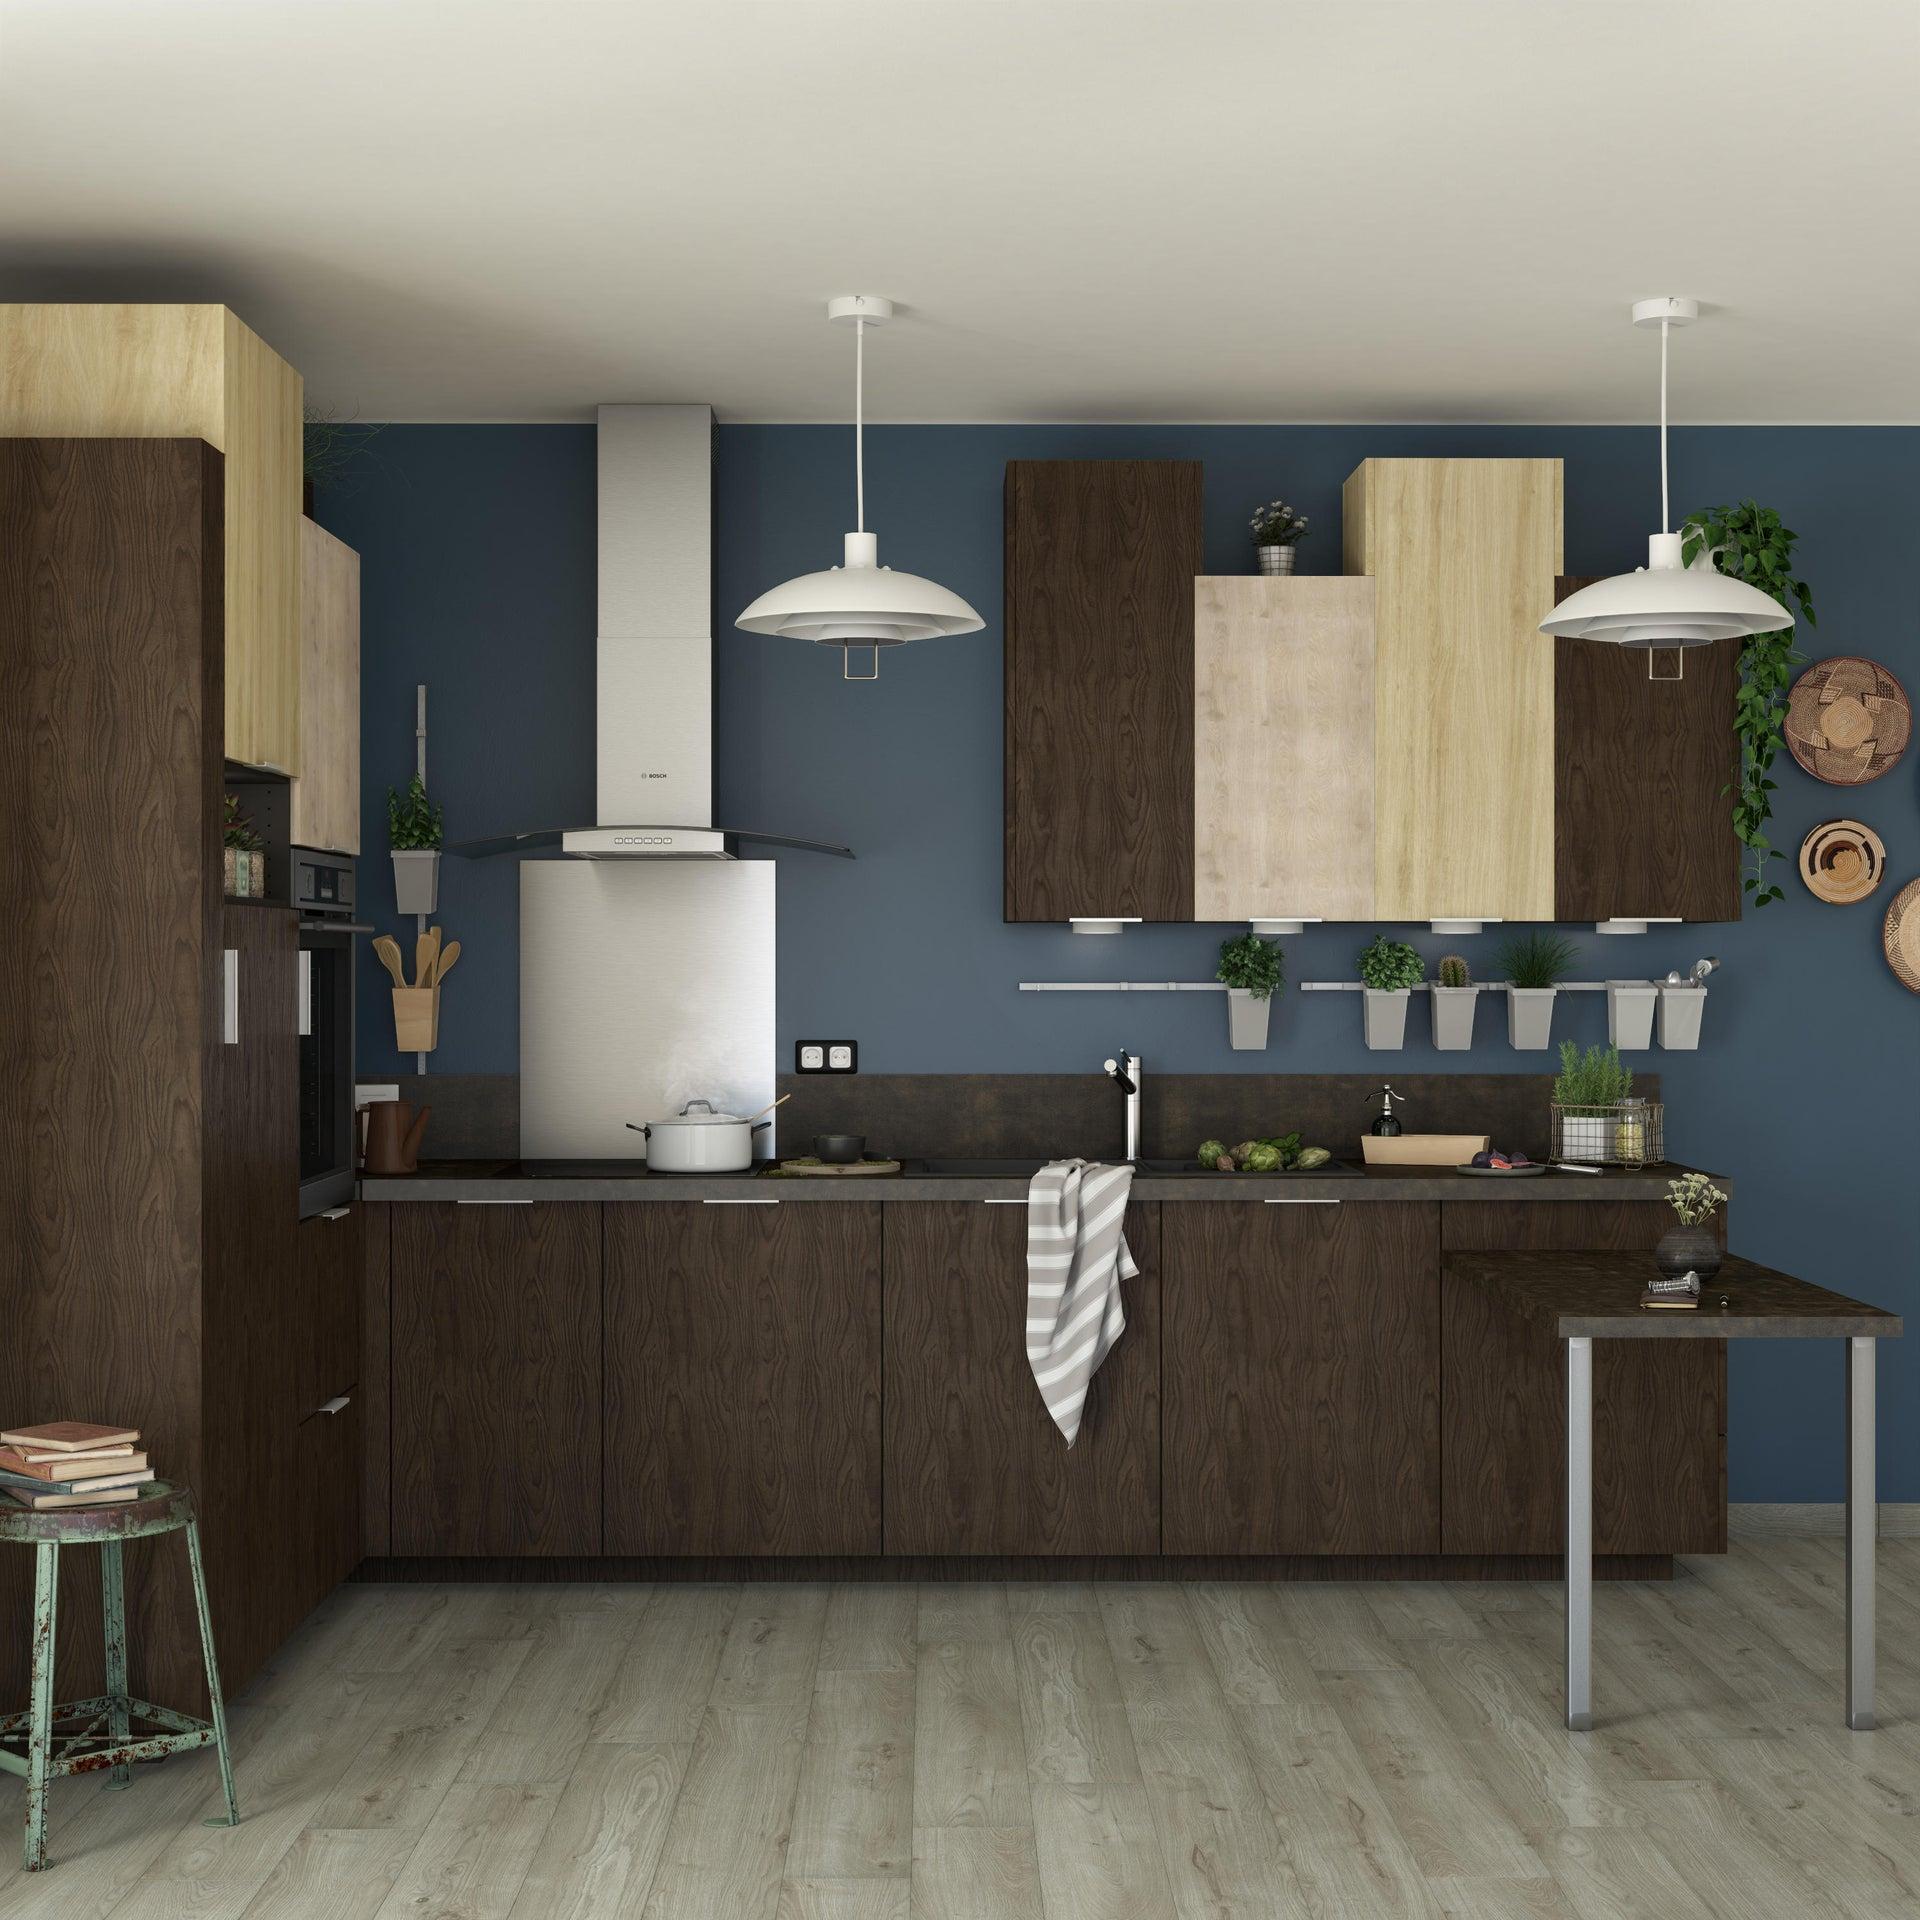 Porta dell'armadio da cucina DELINIA ID Siena 59.7 x 76.5 x 76.5 cm rovere moro - 7